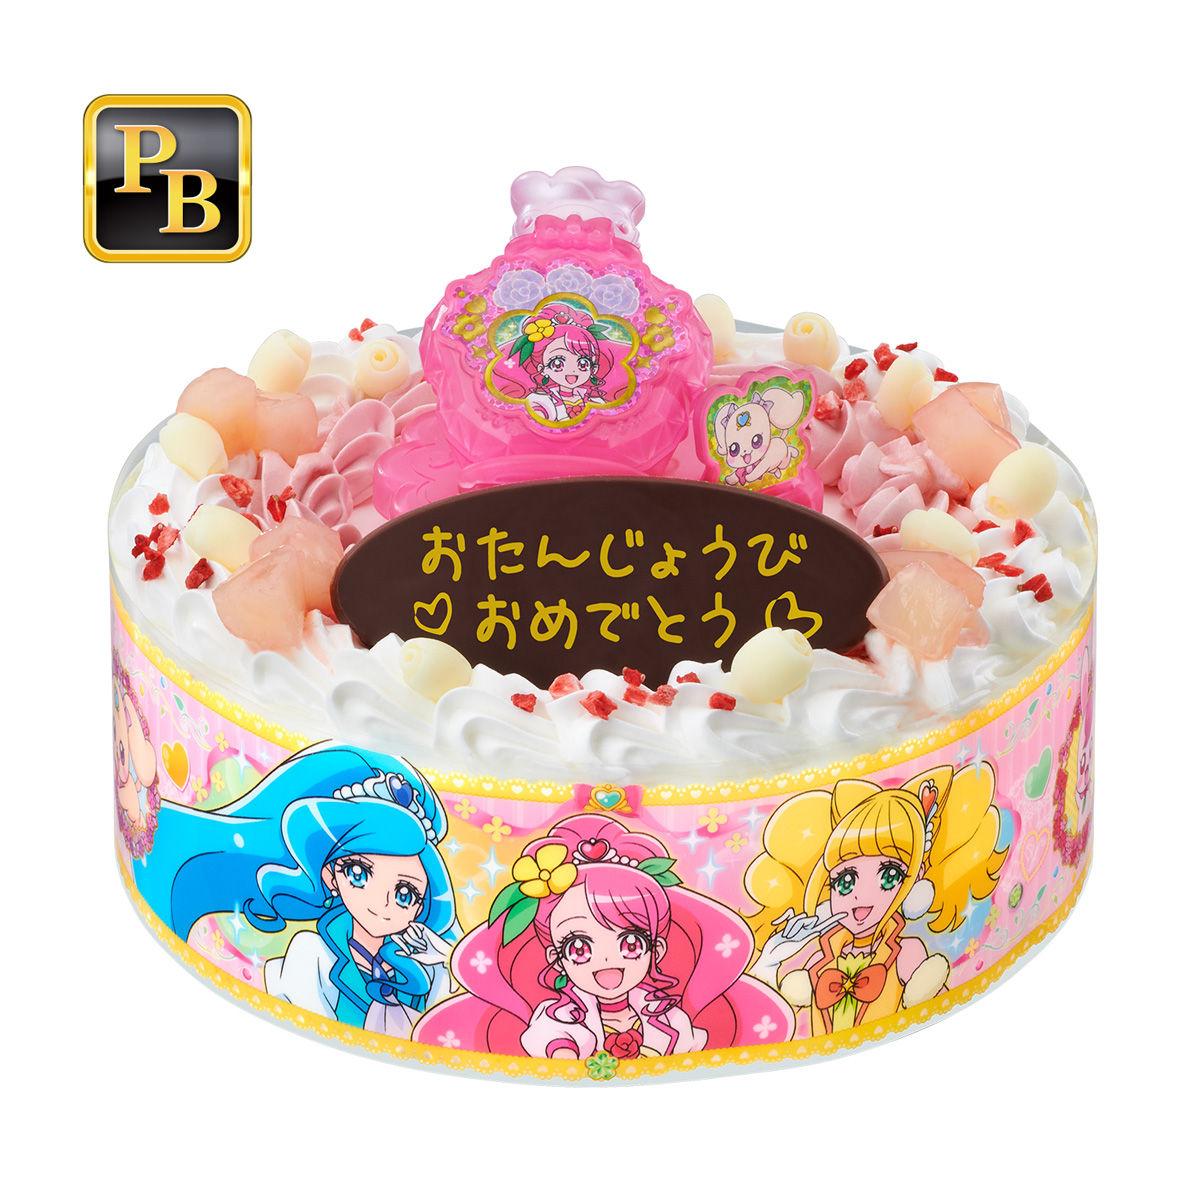 キャラデコお祝いケーキ ヒーリングっど プリキュア[5号サイズ]_0